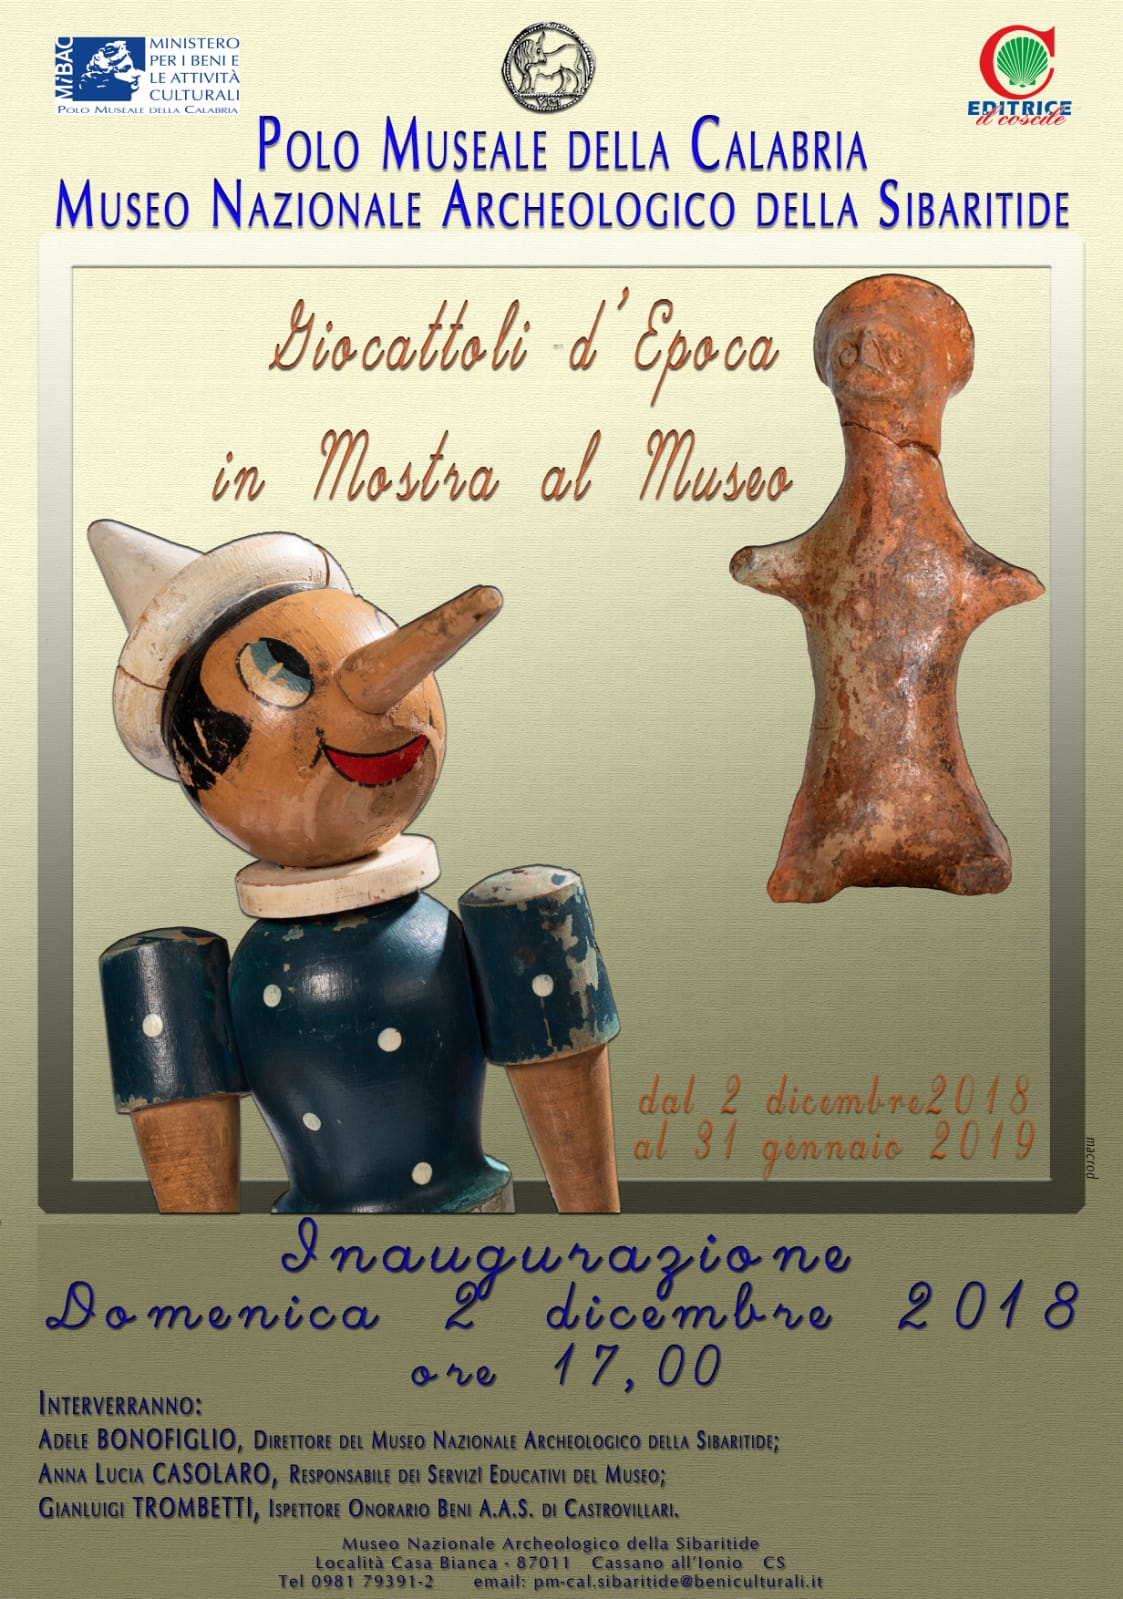 """""""Giocattoli d'epoca in mostra al Museo"""" presso Museo Nazionale Archeologico della Sibaritide  Cassano allo Ionio (Cosenza)"""